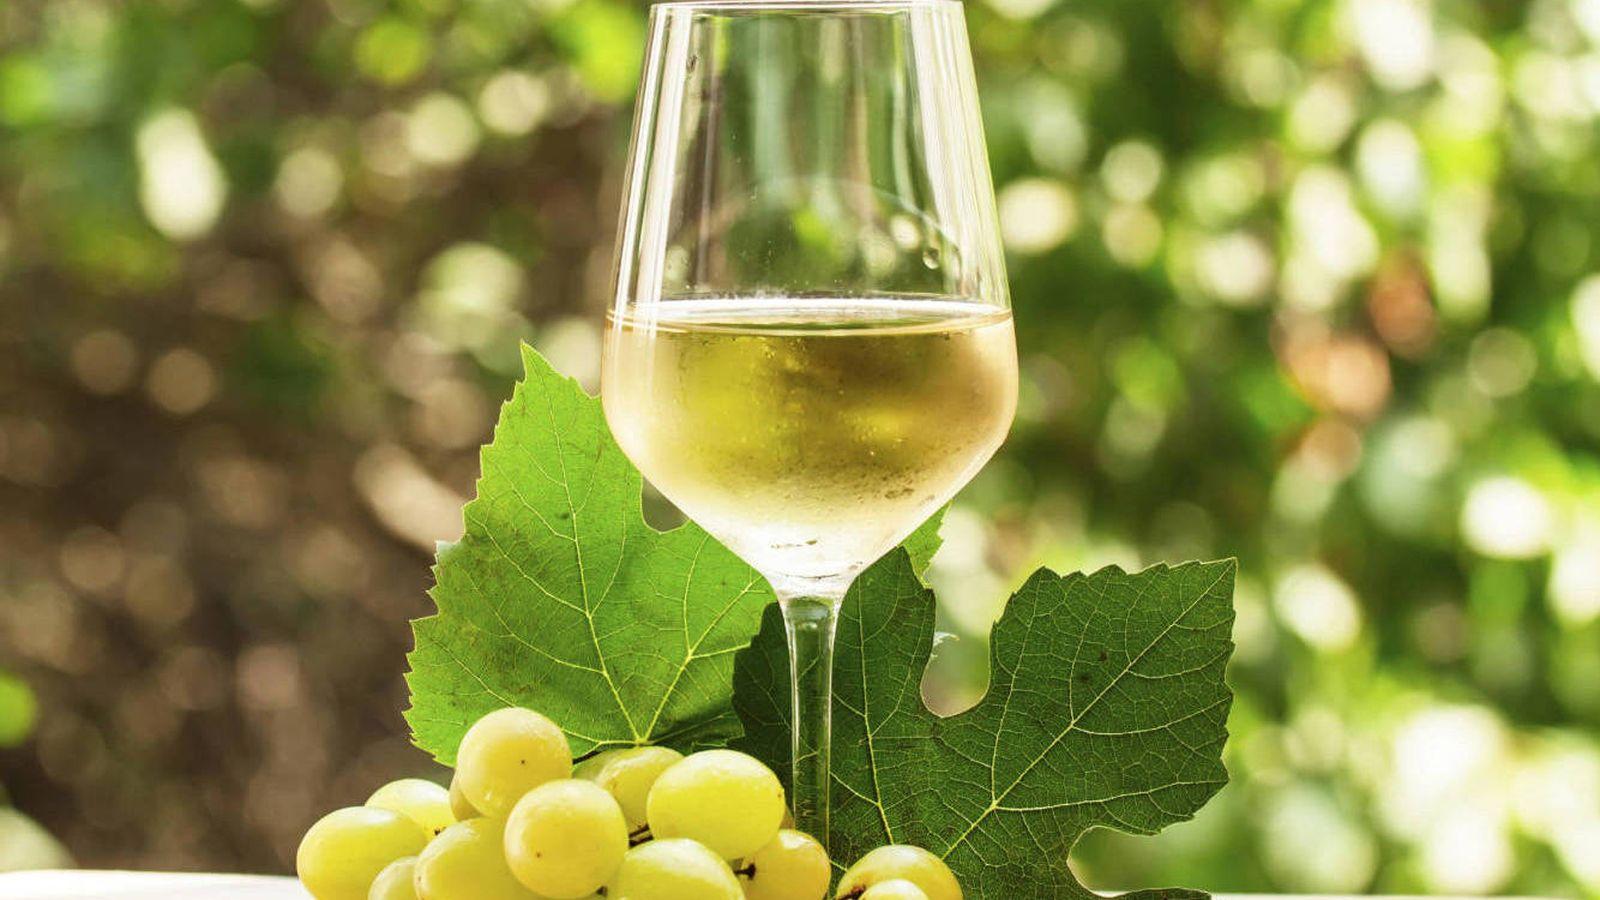 nuevos-vinos-blancos-de-rioja-la-revolucion-enologica-del-siglo-xxi